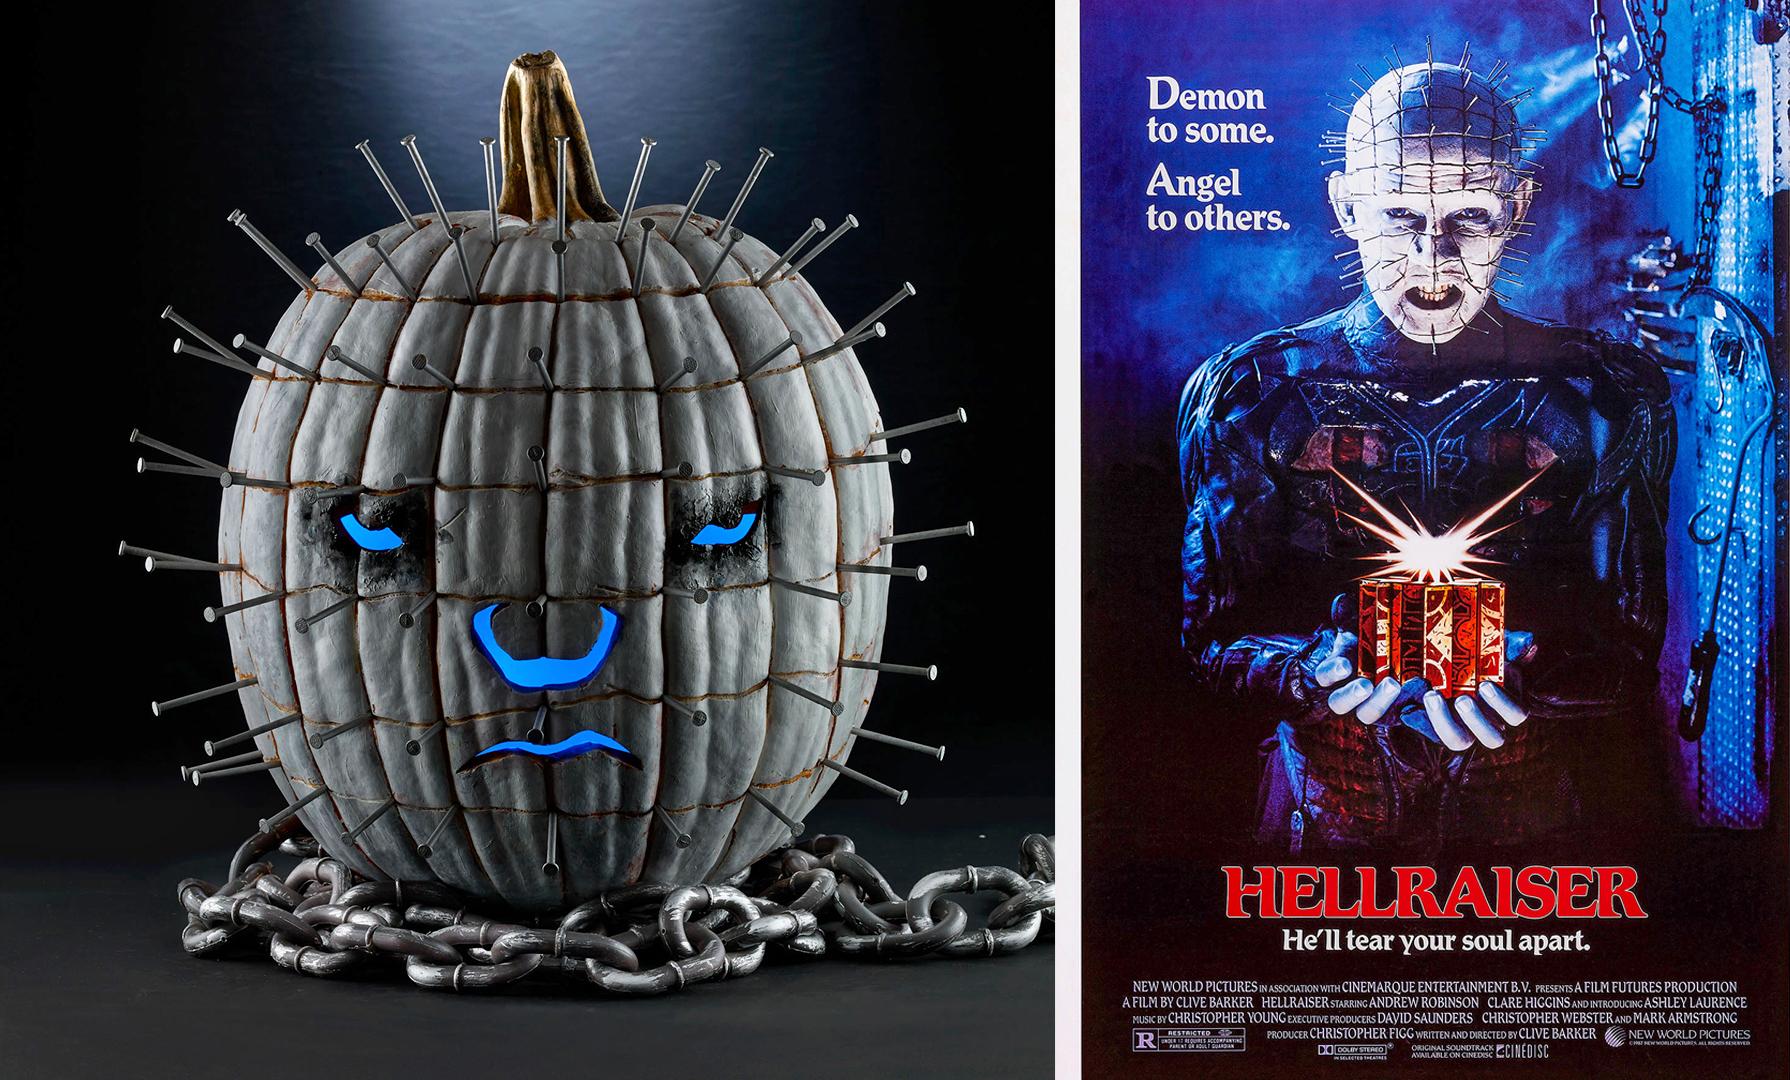 hellraiser pumpkin and poster